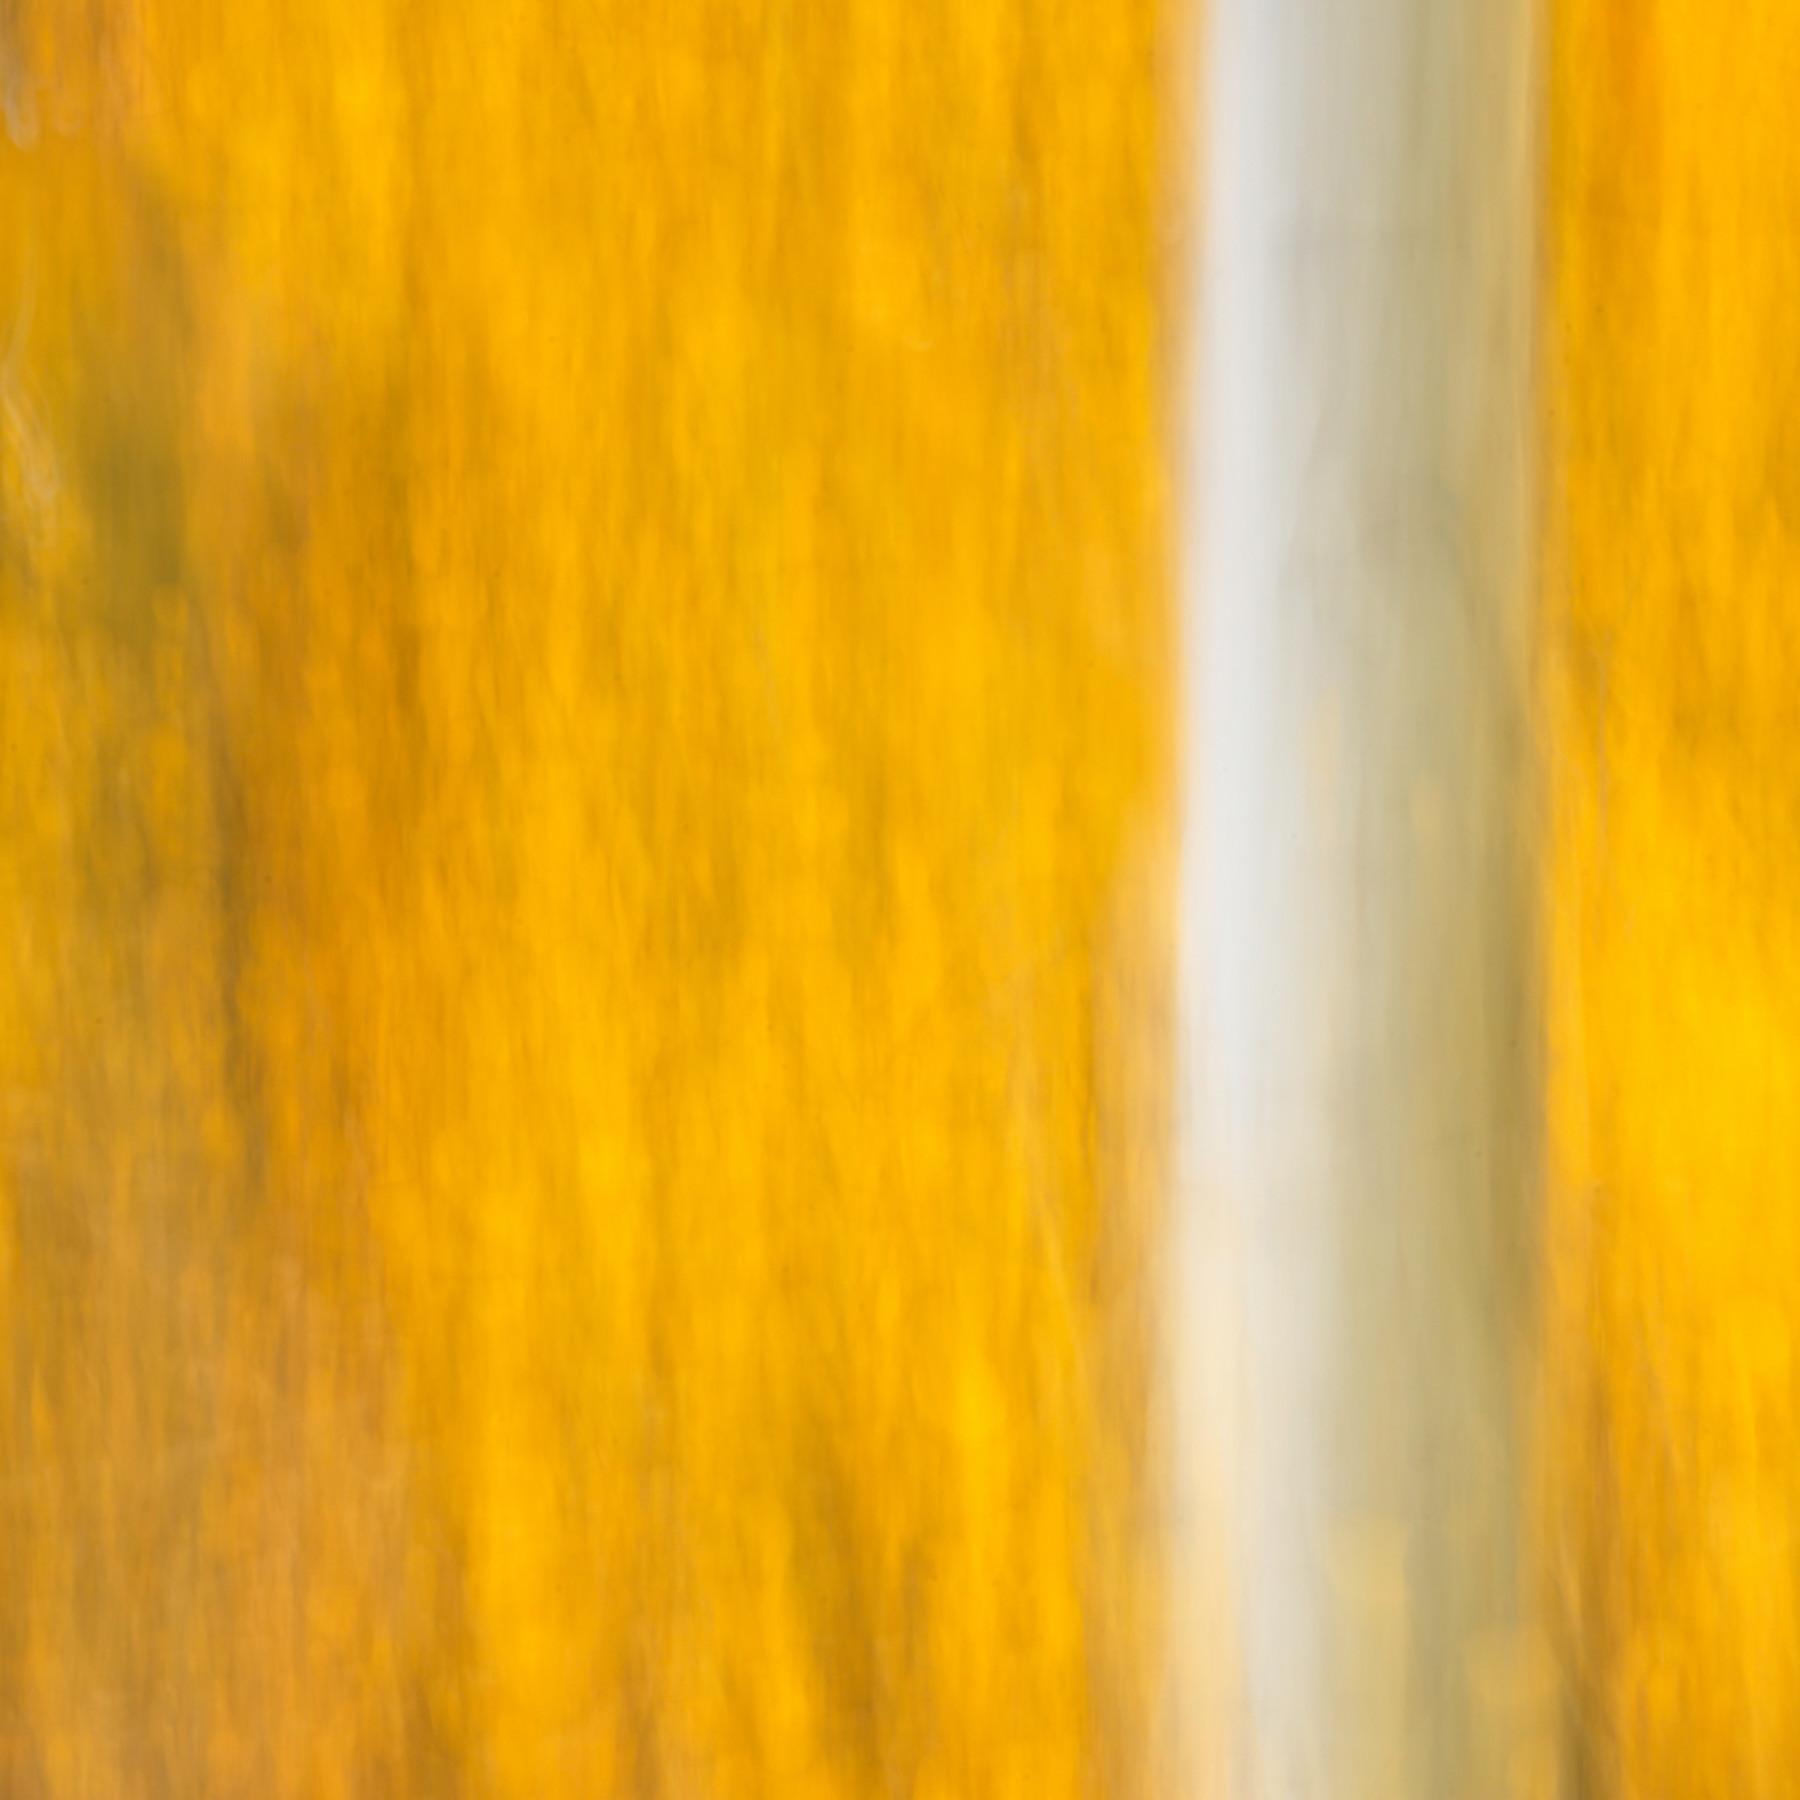 Autumn 6 fsdweq